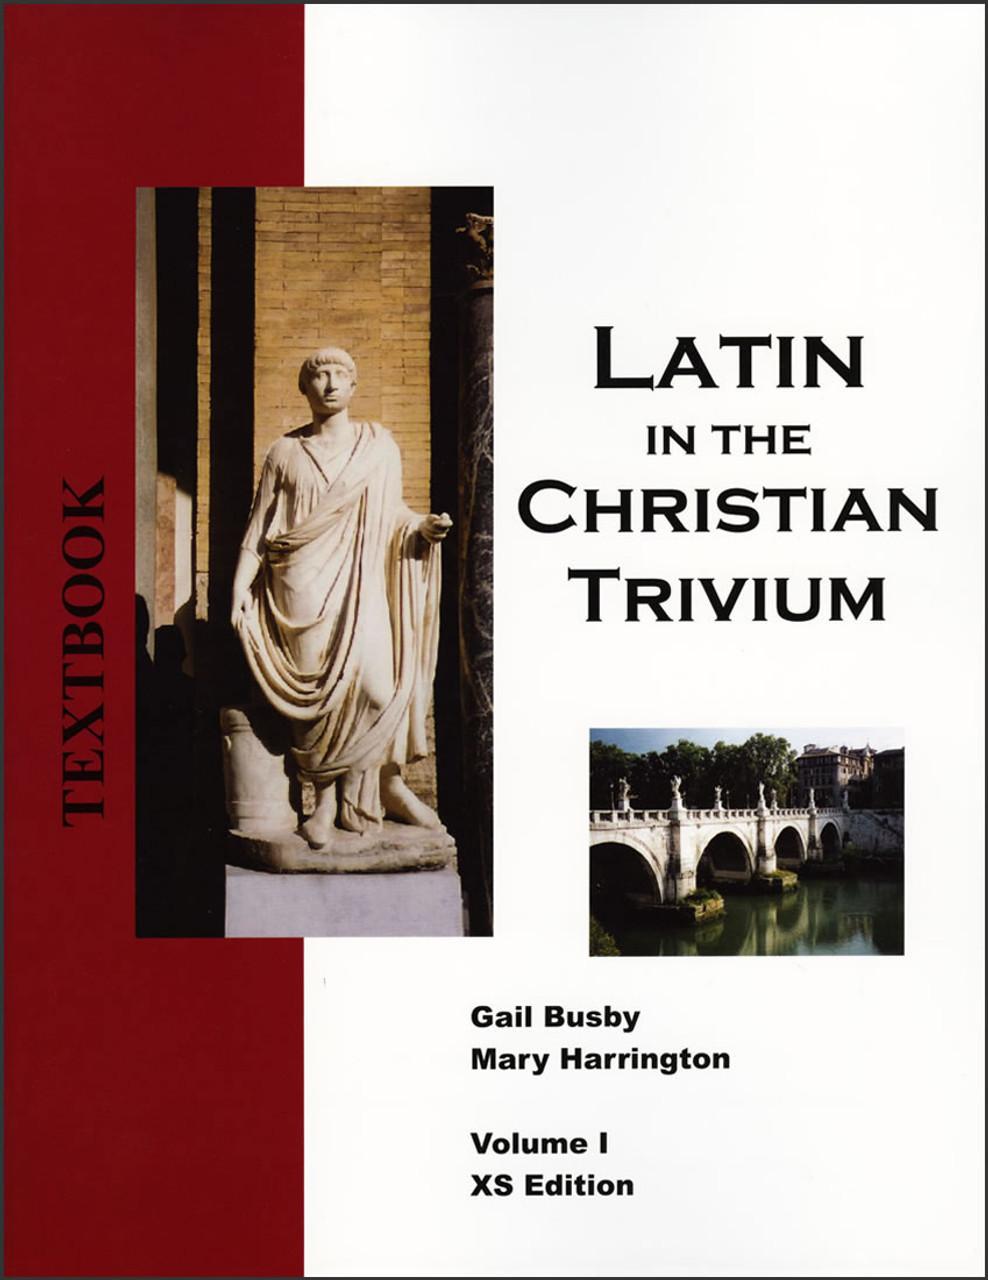 Latin in the Christian Trivium: Volume 1